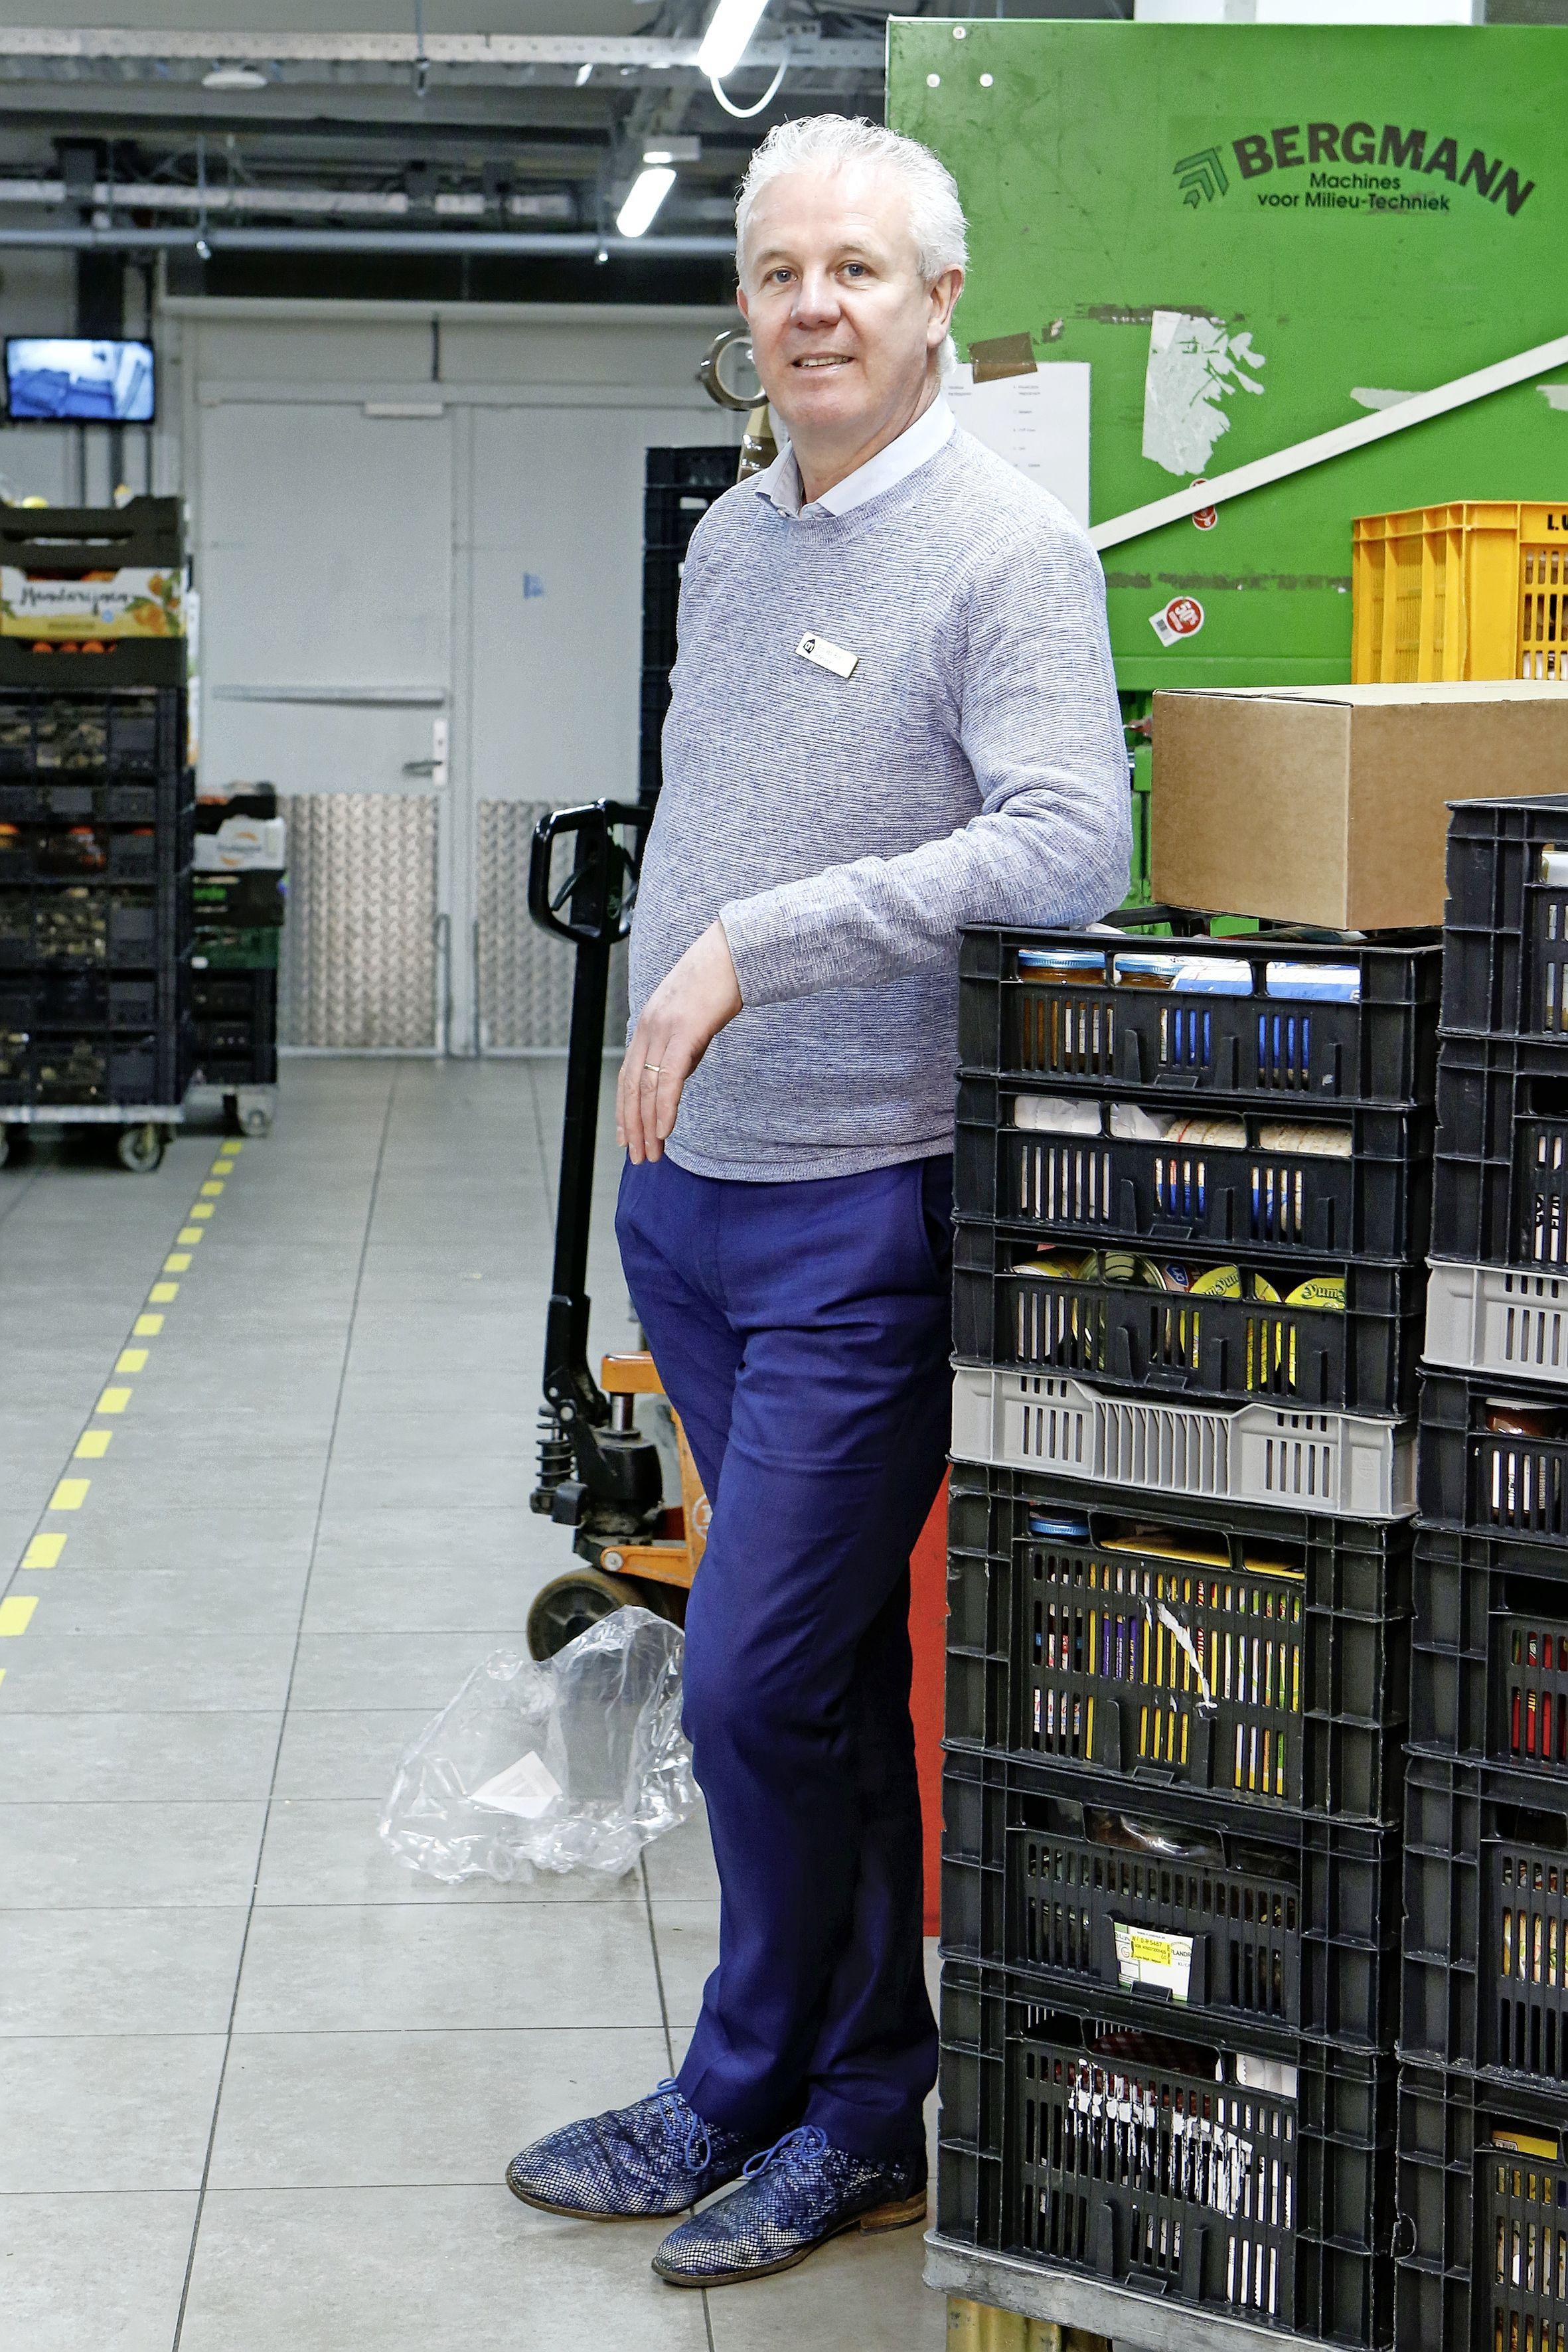 Supermarkteigenaar Gijs van Rijn miste de twee gouden weken: 'Run op toiletpapier is leuk voor de omzet, maar niet voor de sfeer in de winkel' | Serie 1 jaar corona